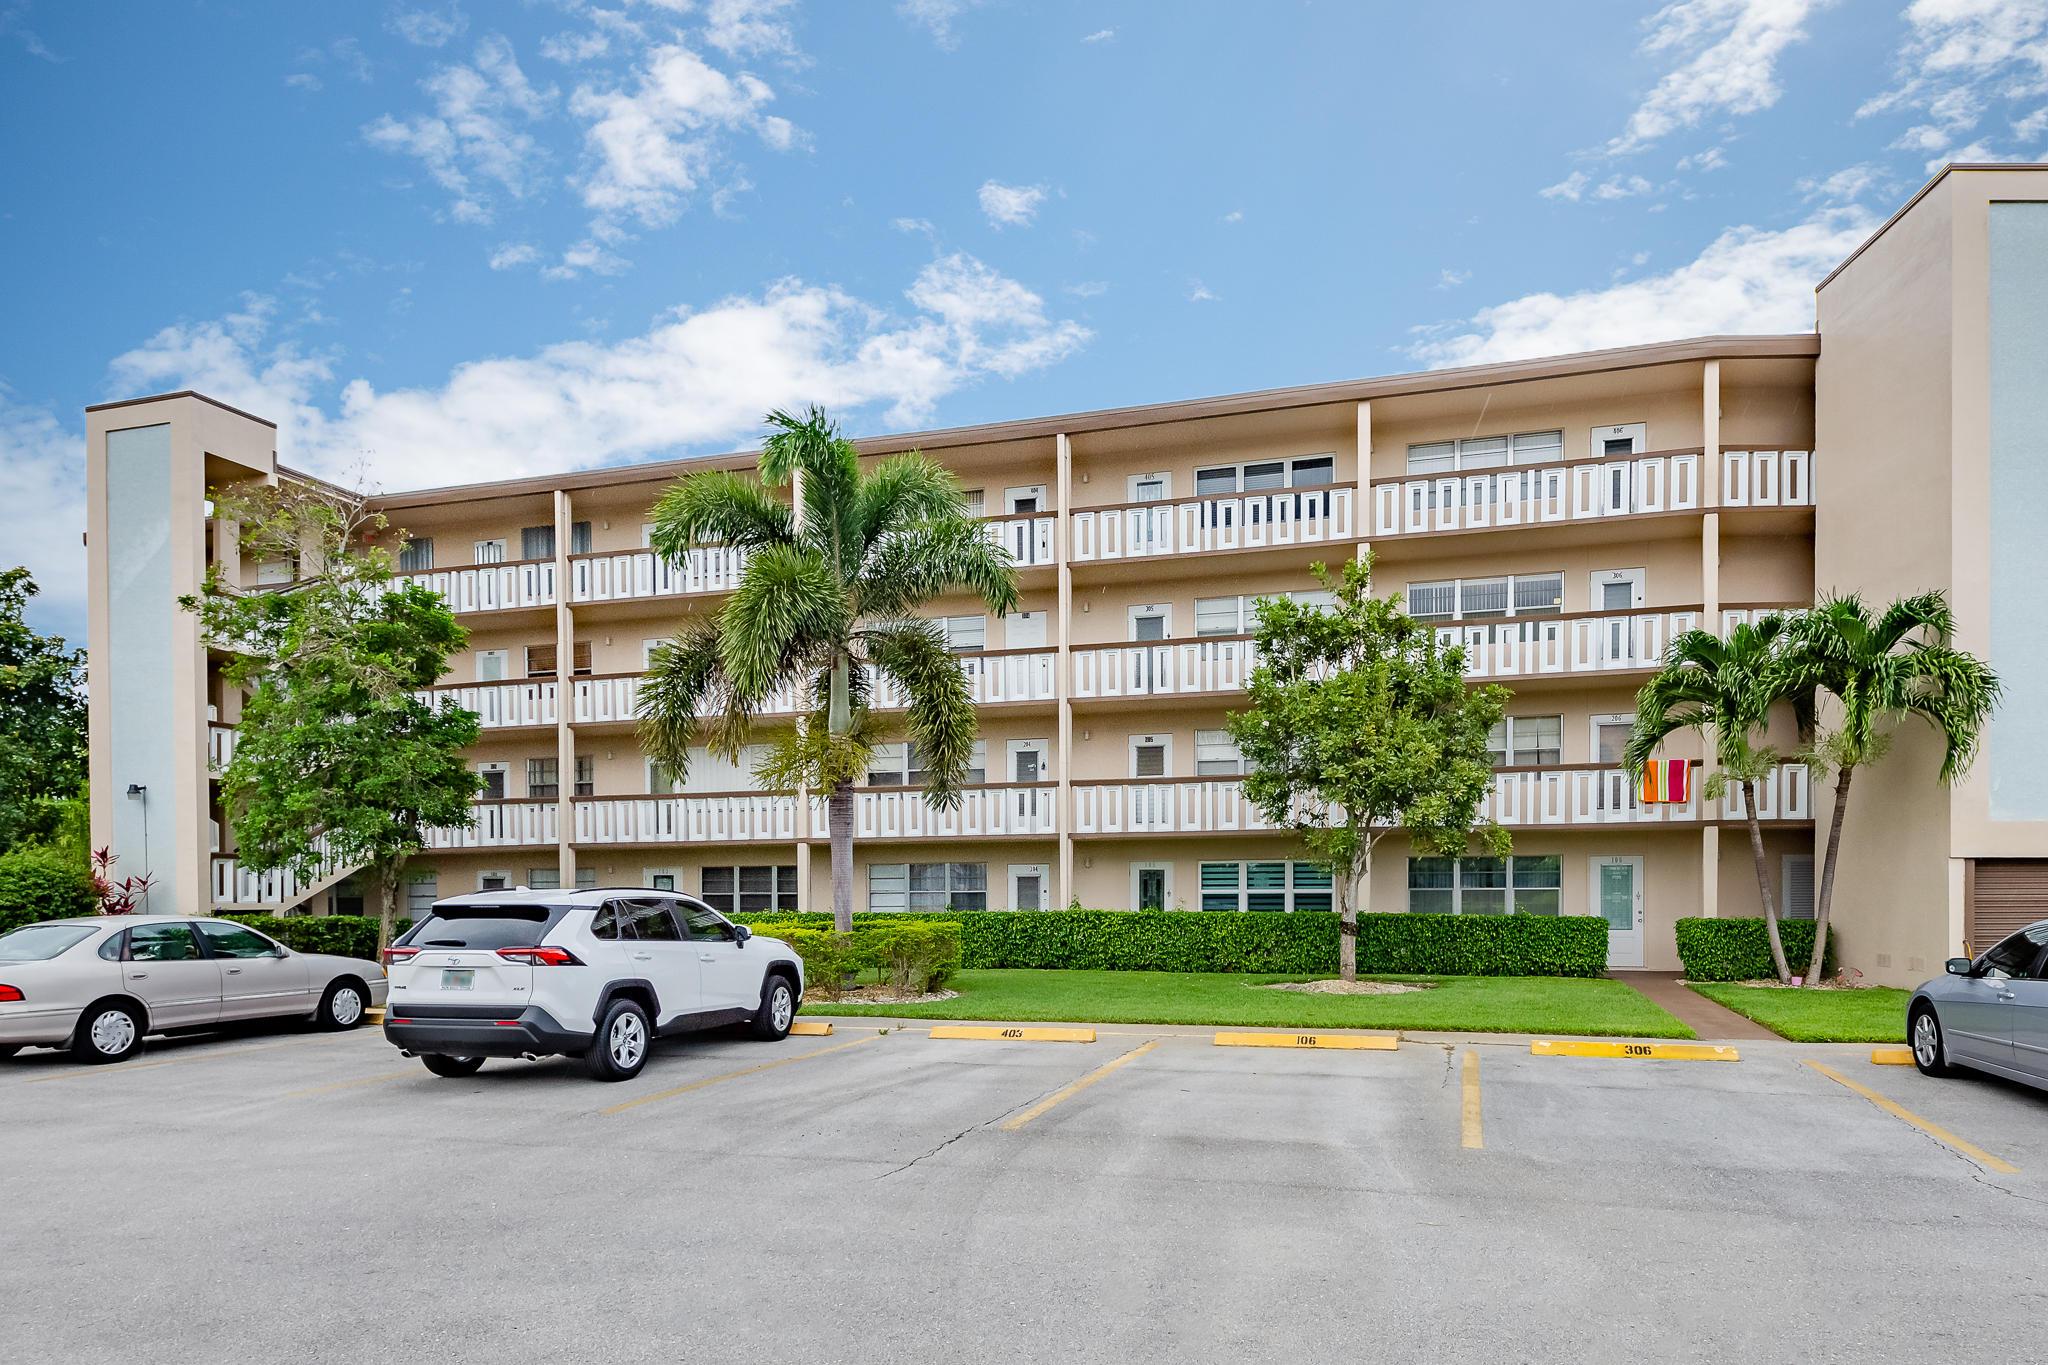 402 Southampton A West Palm Beach, FL 33417